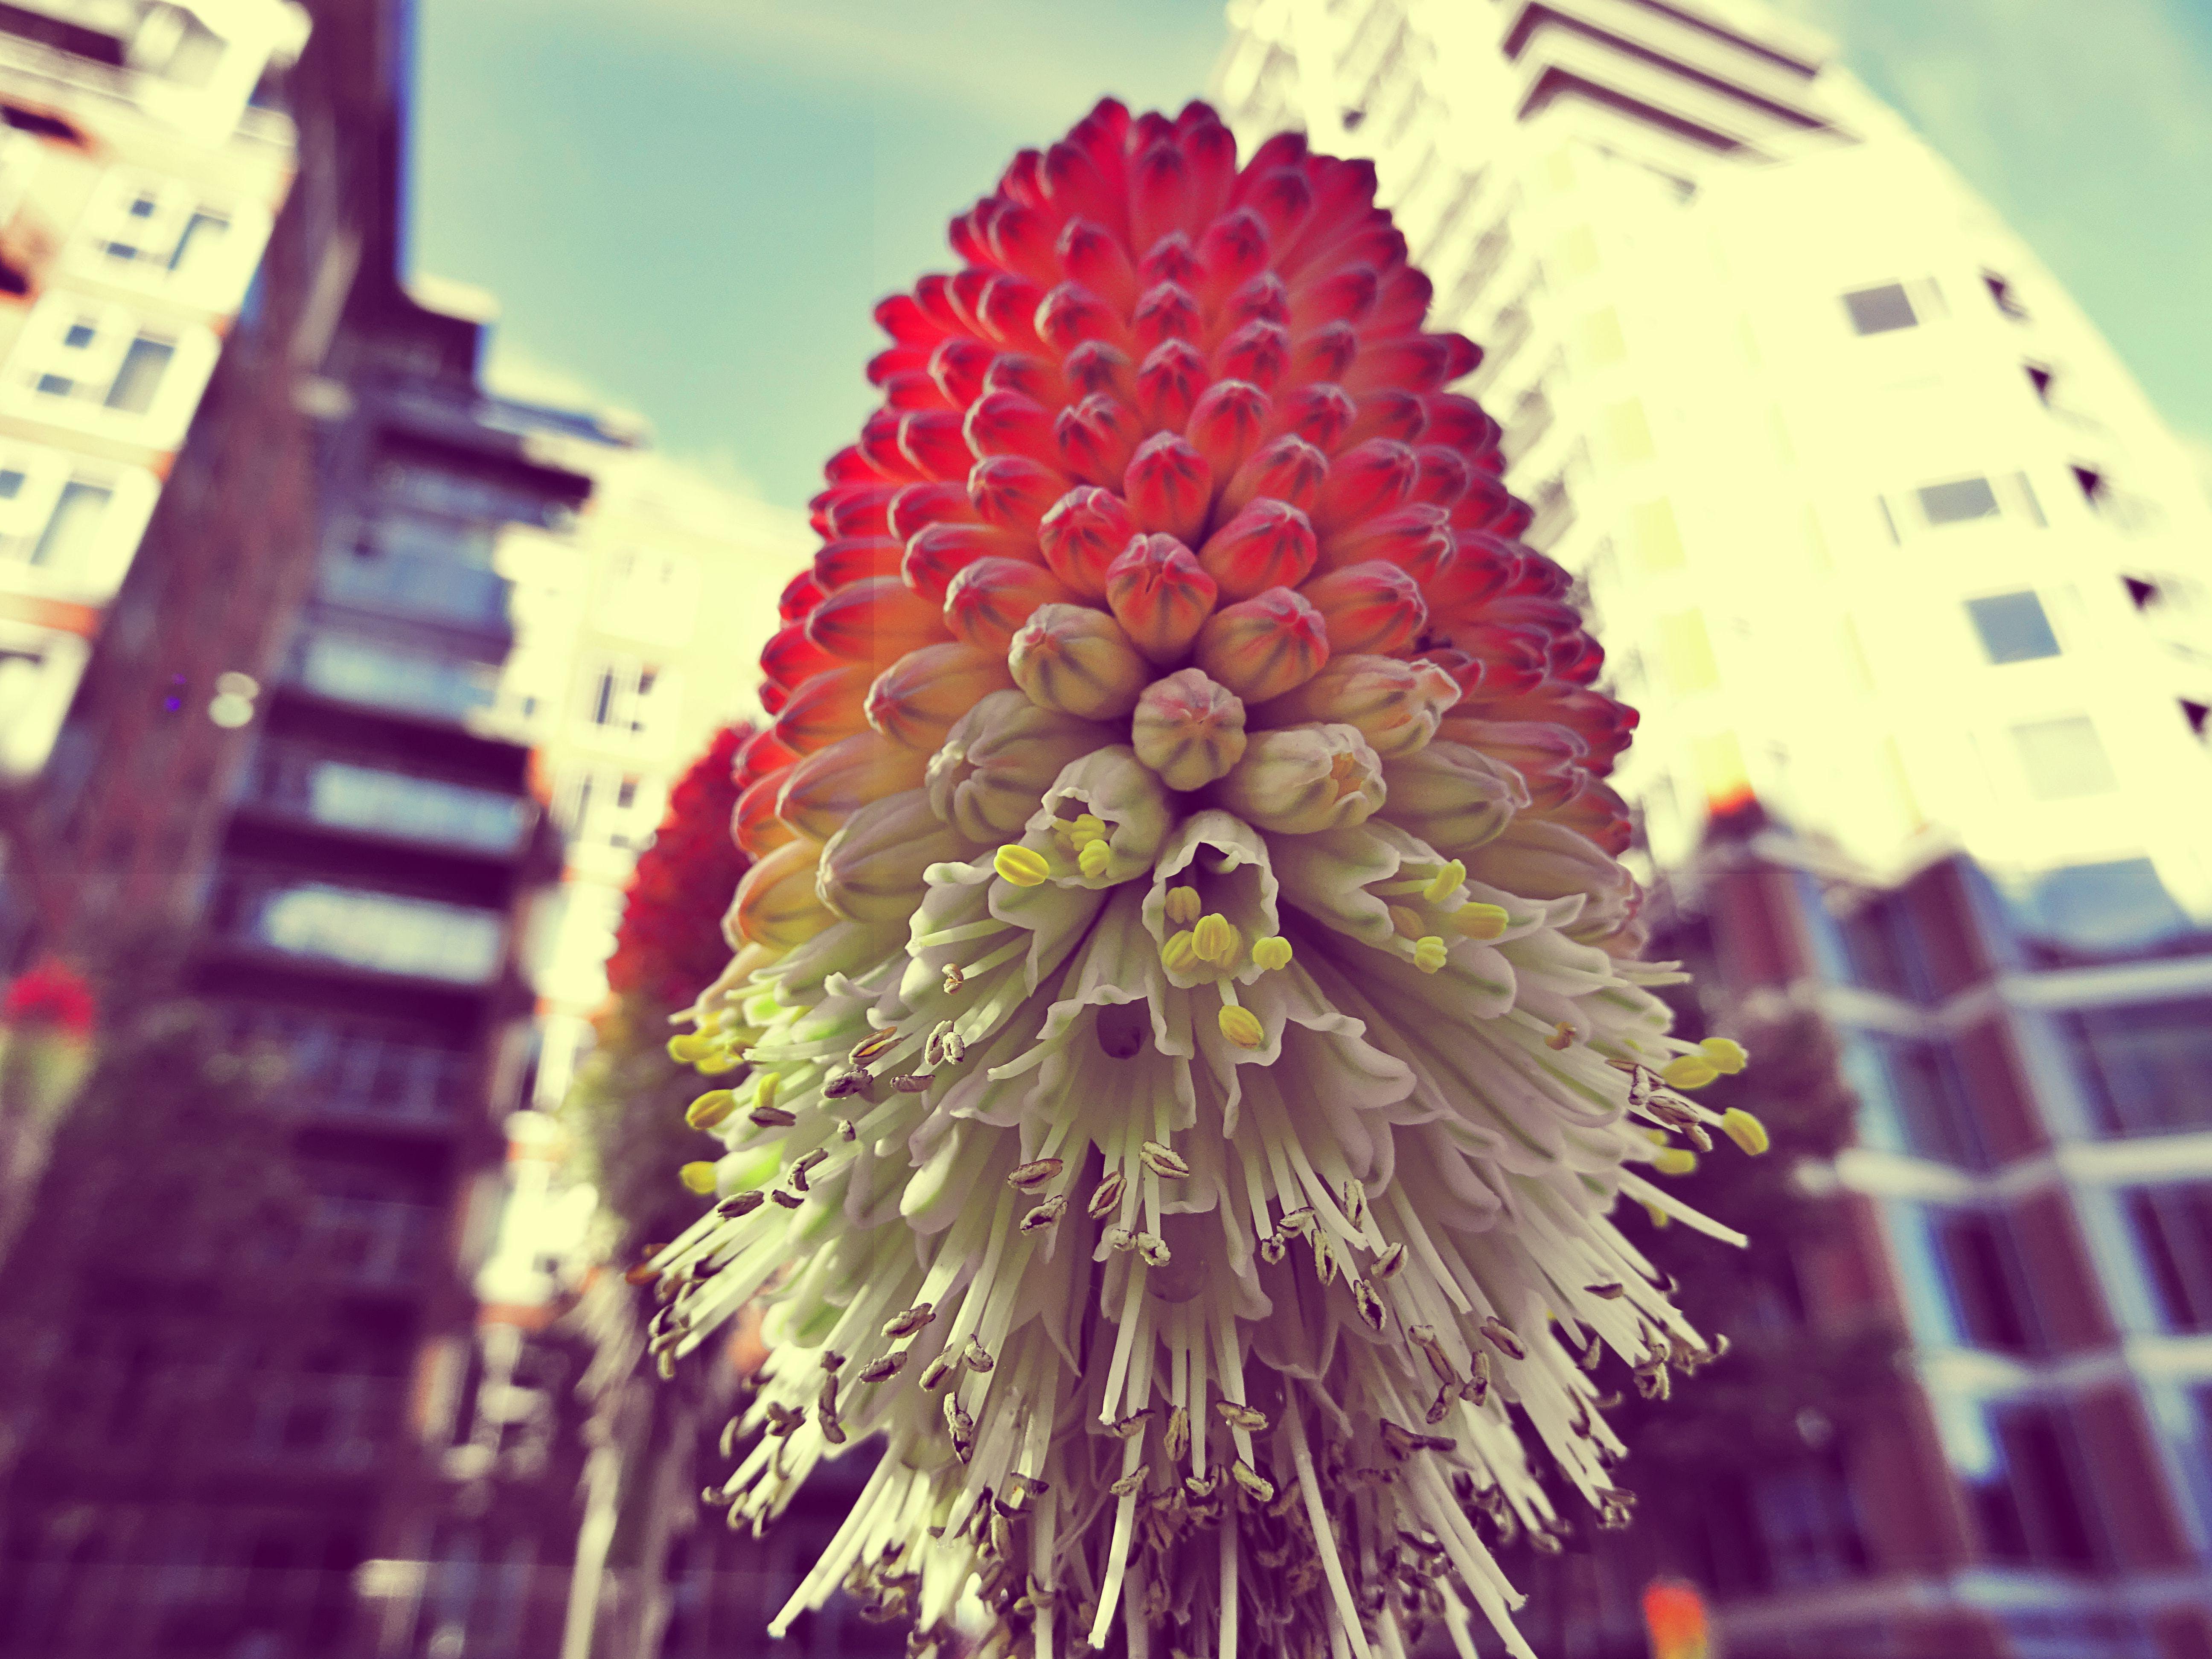 Gratis lagerfoto af blomster, blomstrende, boligblokke, close-up